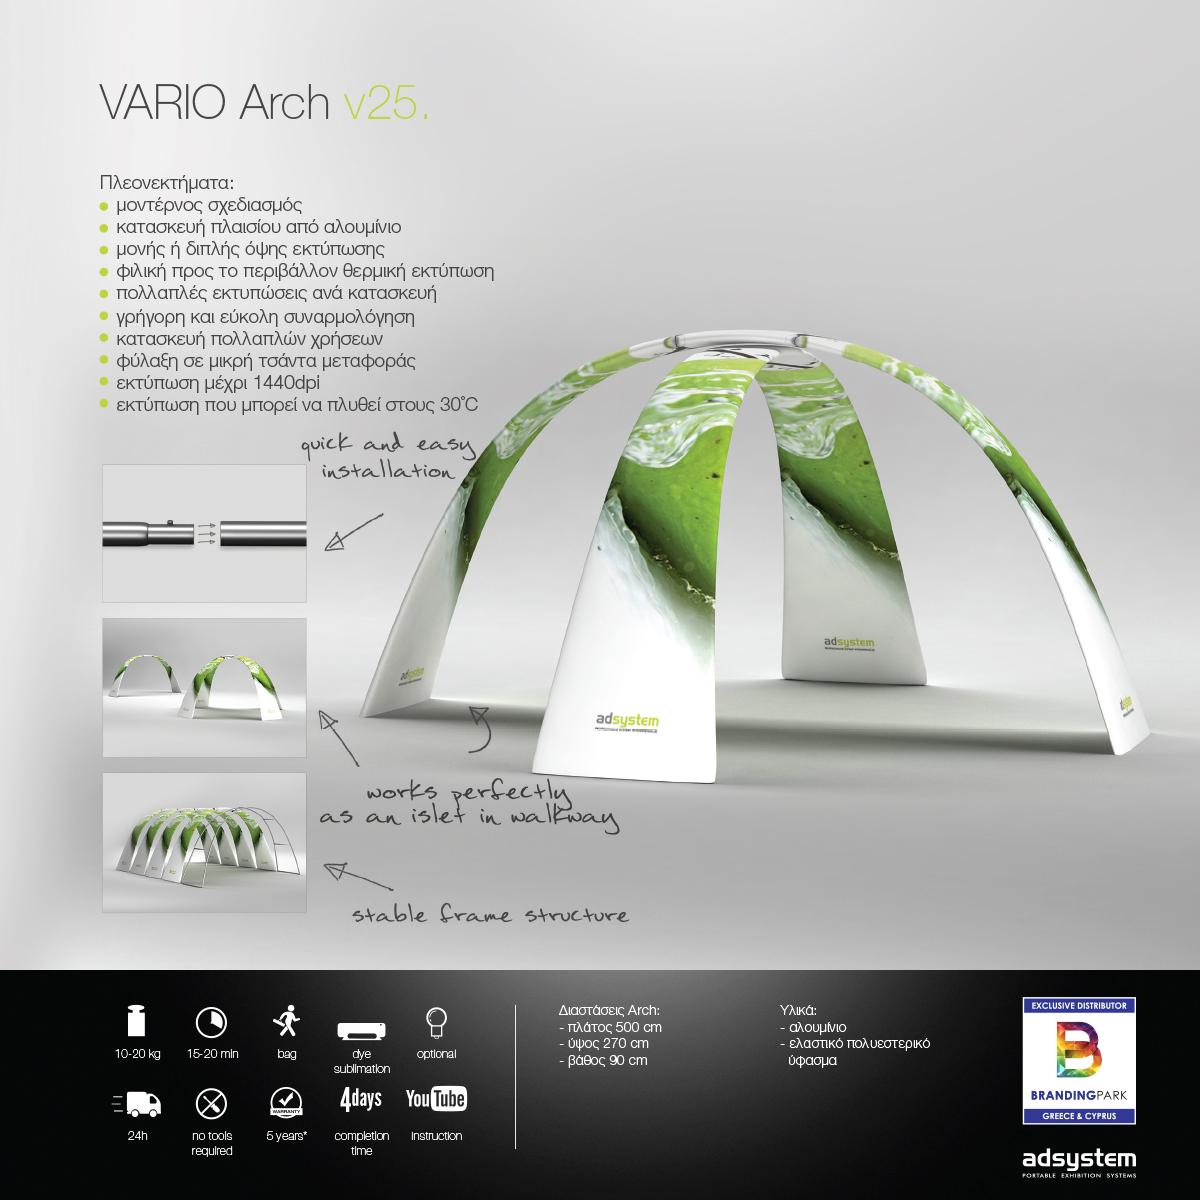 υφασμάτινη αψίδα Vario Arch v25.